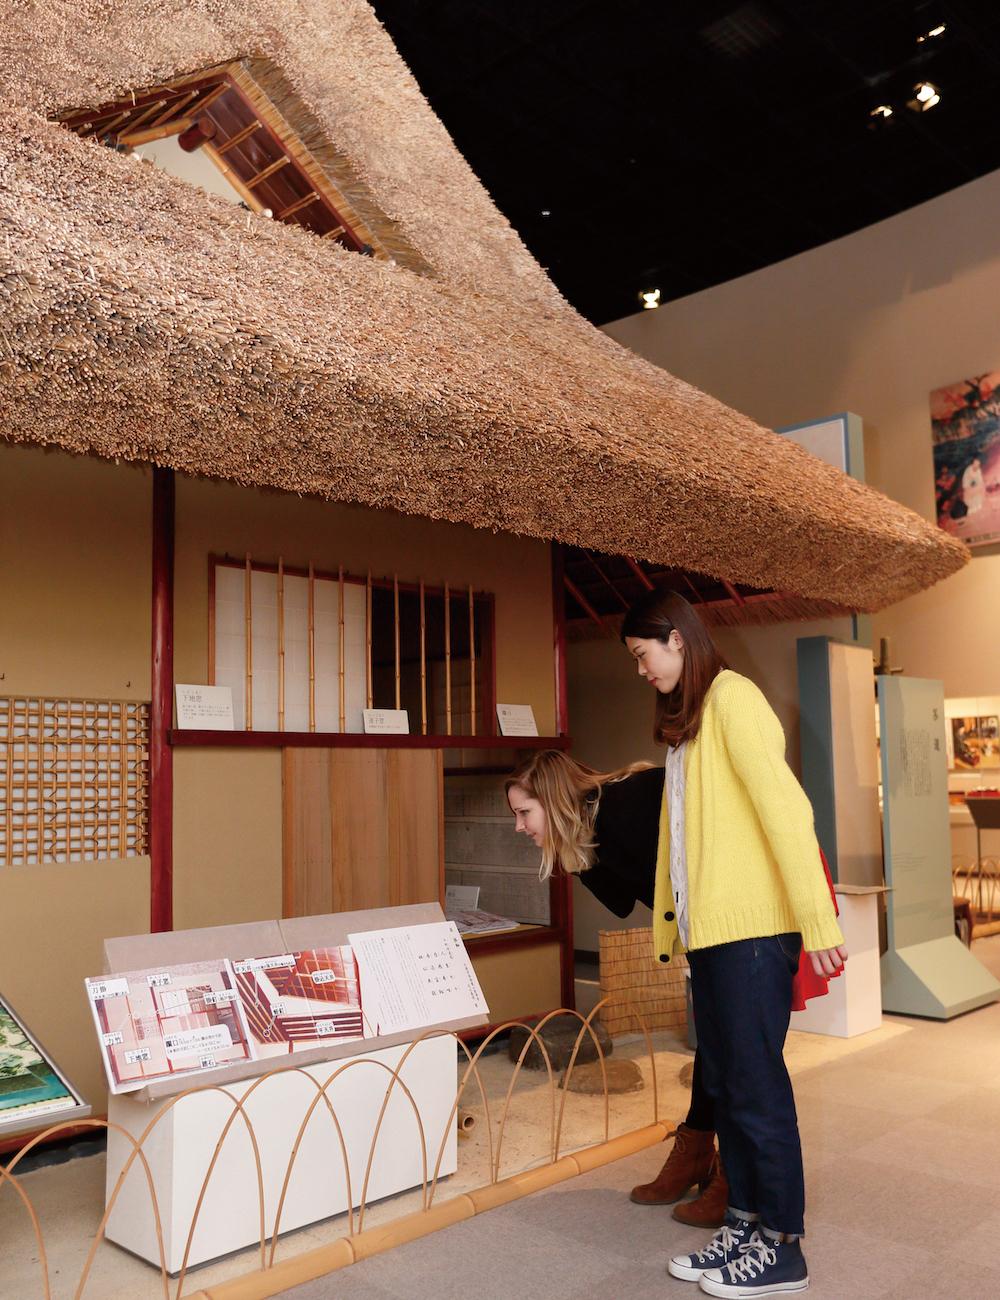 มีข้อมูลแนะนำเกี่ยวกับห้องทำพิธีชงชาโดยละเอียดบนแผนที่ ทุกสิ่งล้วนมีความเกี่ยวข้องกับวัฒนธรรมชา